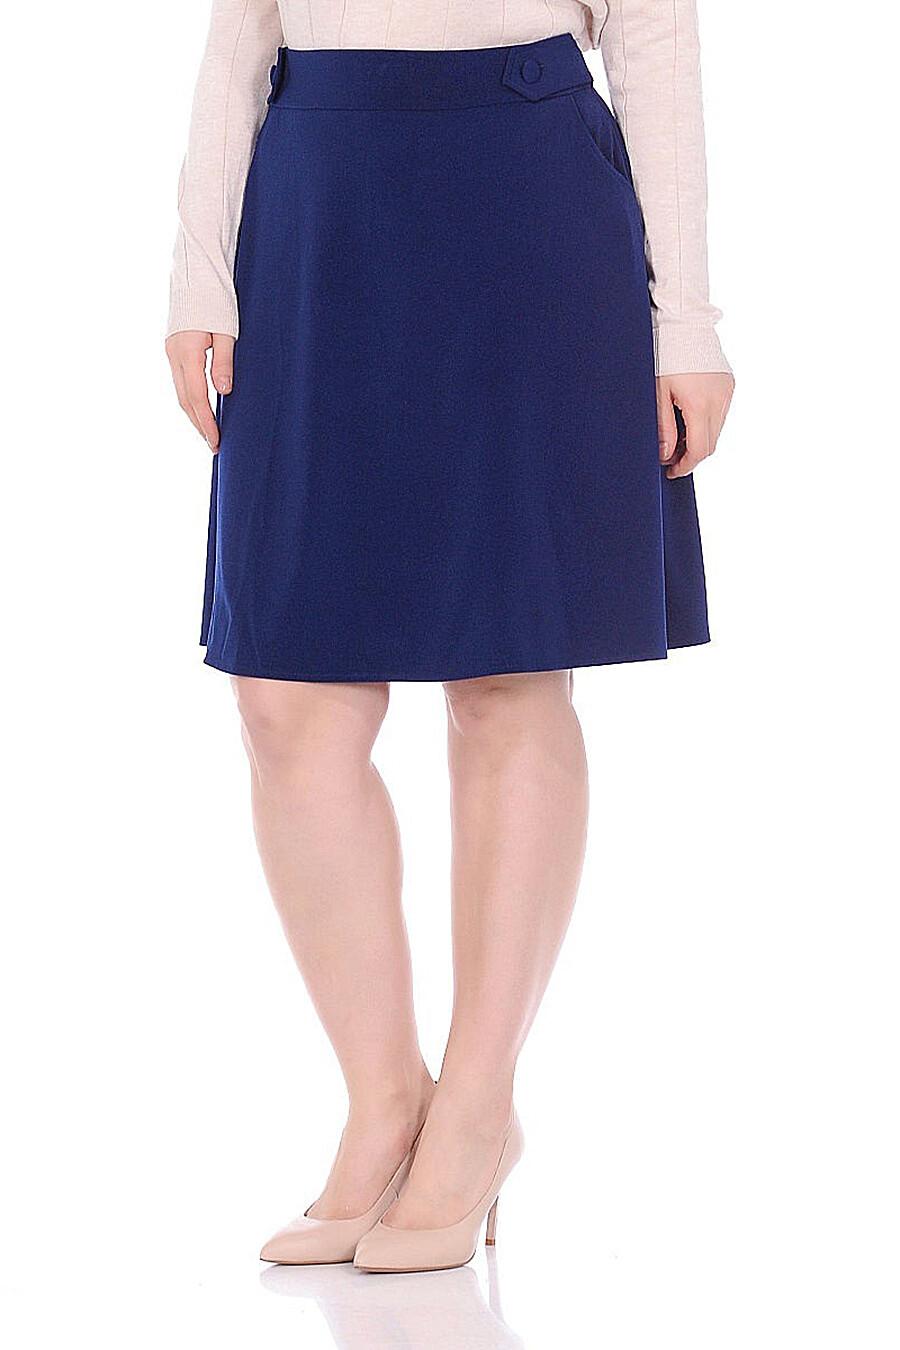 Юбка для женщин DREAM WORLD 159817 купить оптом от производителя. Совместная покупка женской одежды в OptMoyo